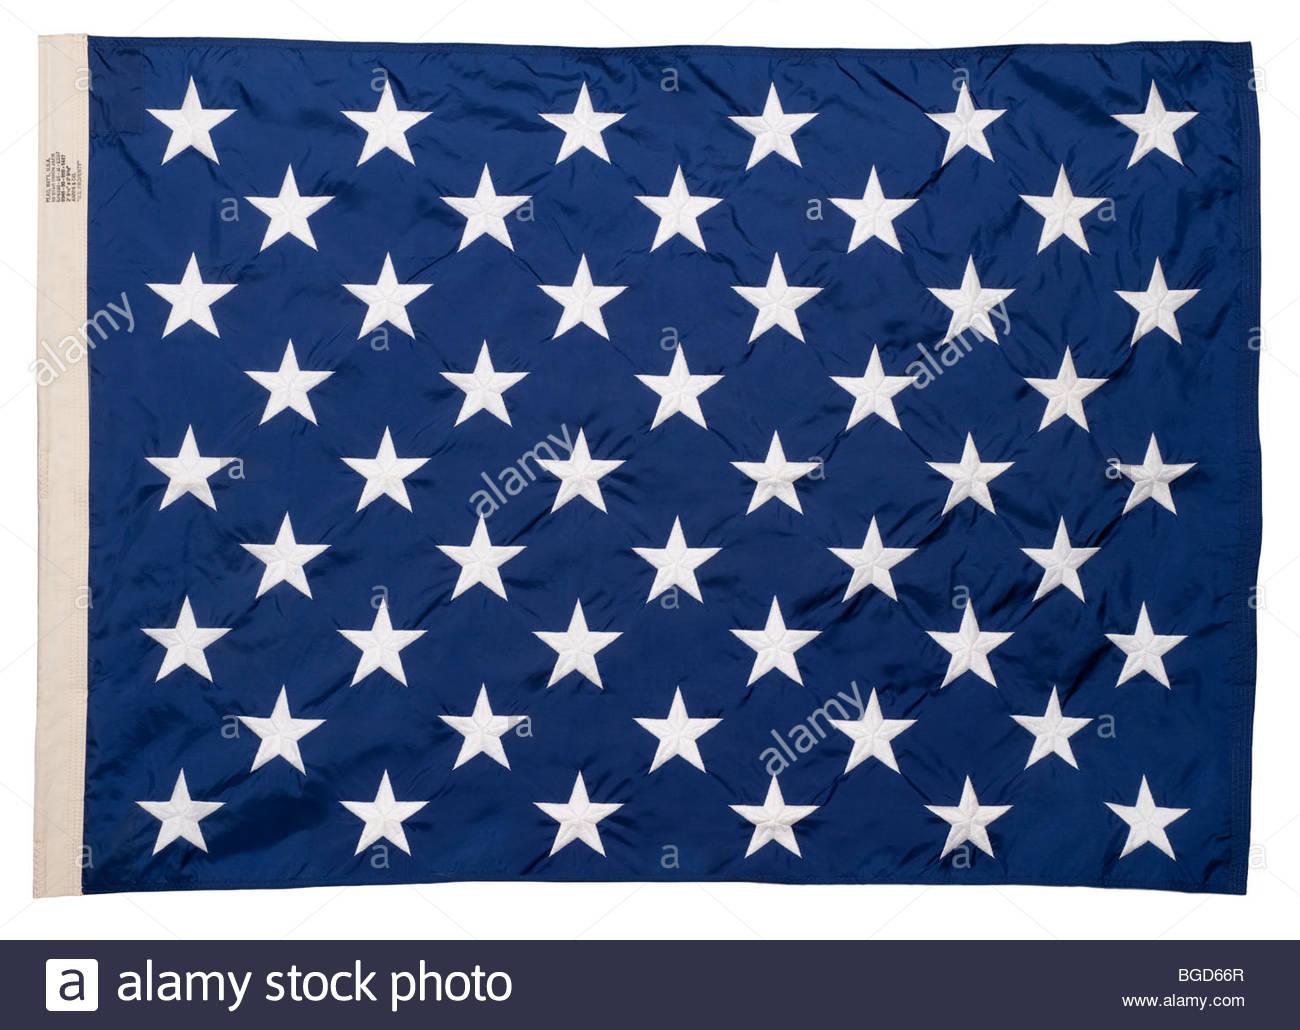 50 Sterne Union Jack Flagge US Navy echte uns Marine 50 Sterne Union Jack-Flagge Stockbild